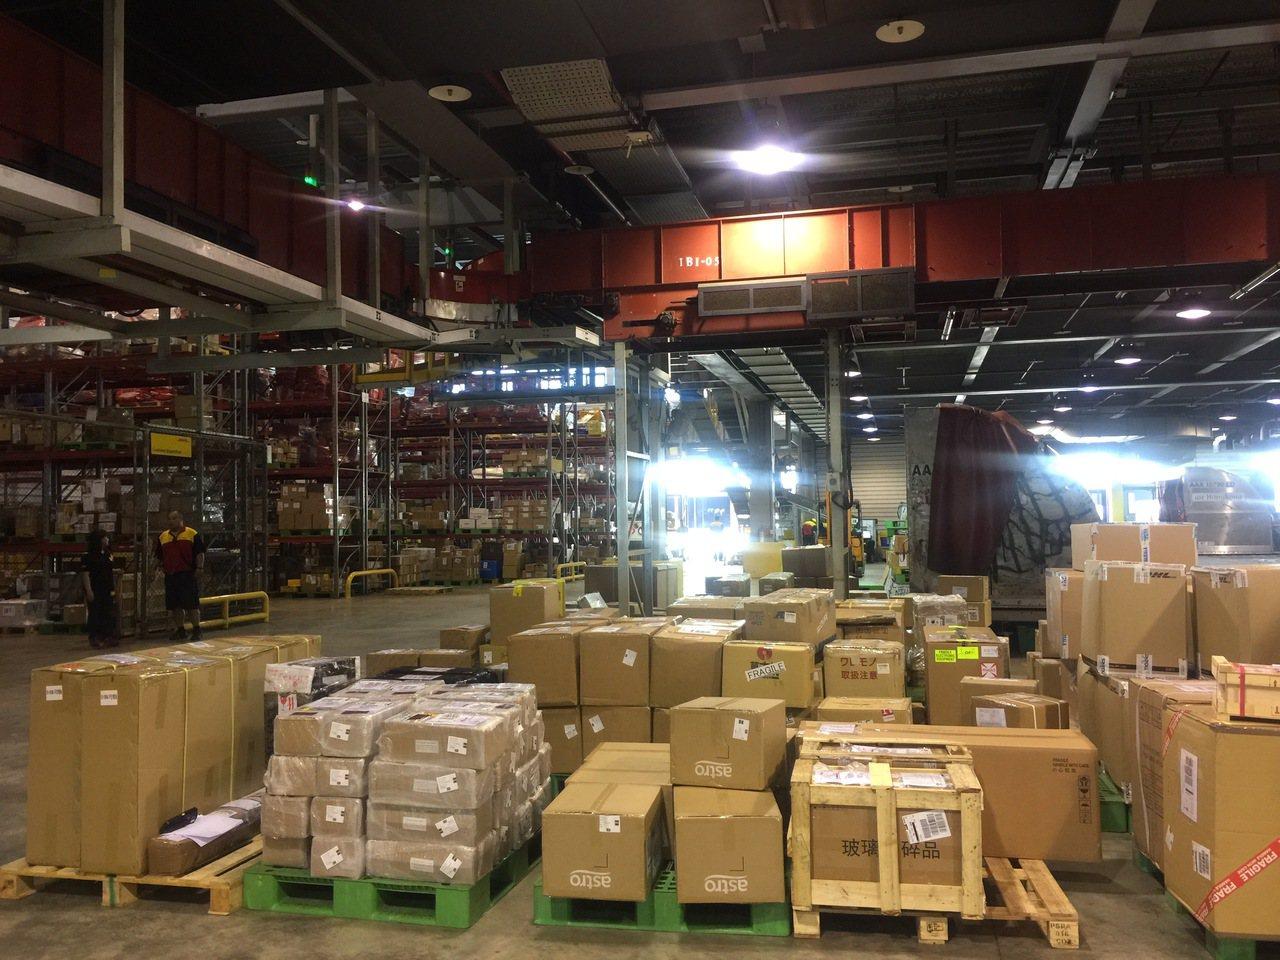 雙十一網購交易量驚人。圖為海關貨物進口倉庫。記者沈婉玉/攝影